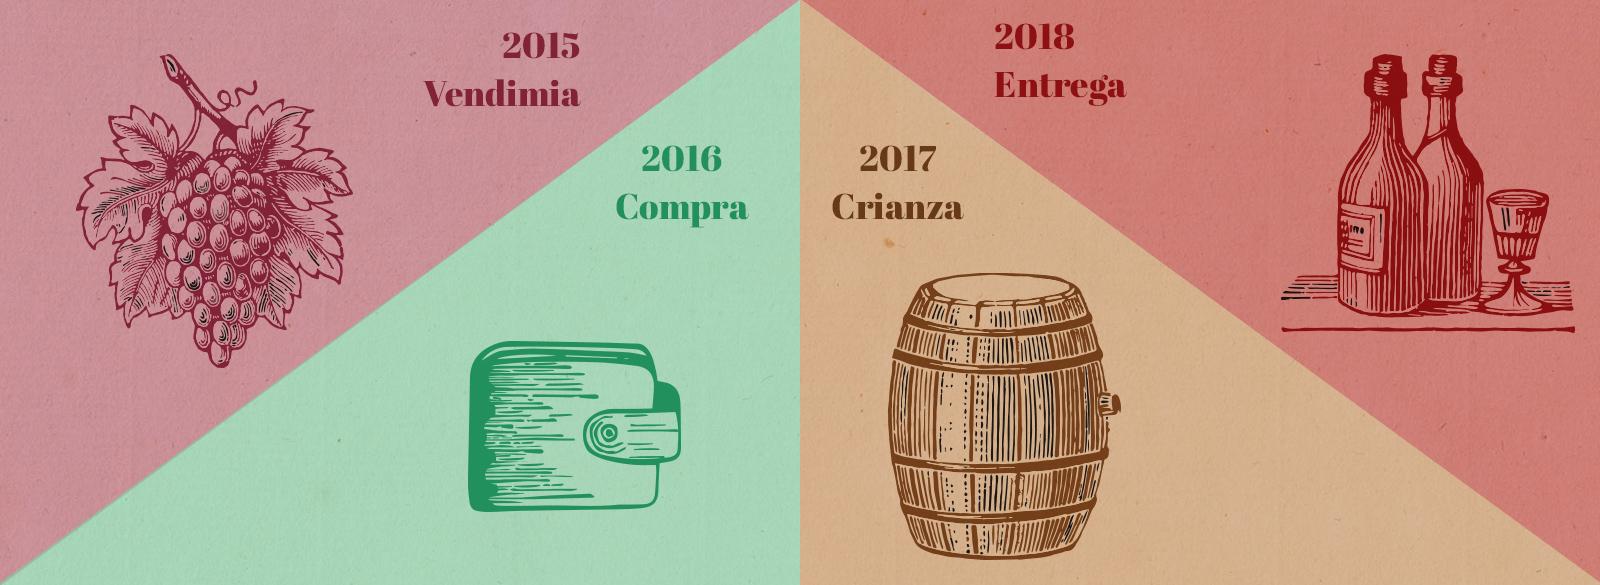 ¿Qué es la venta de vino en primeur?